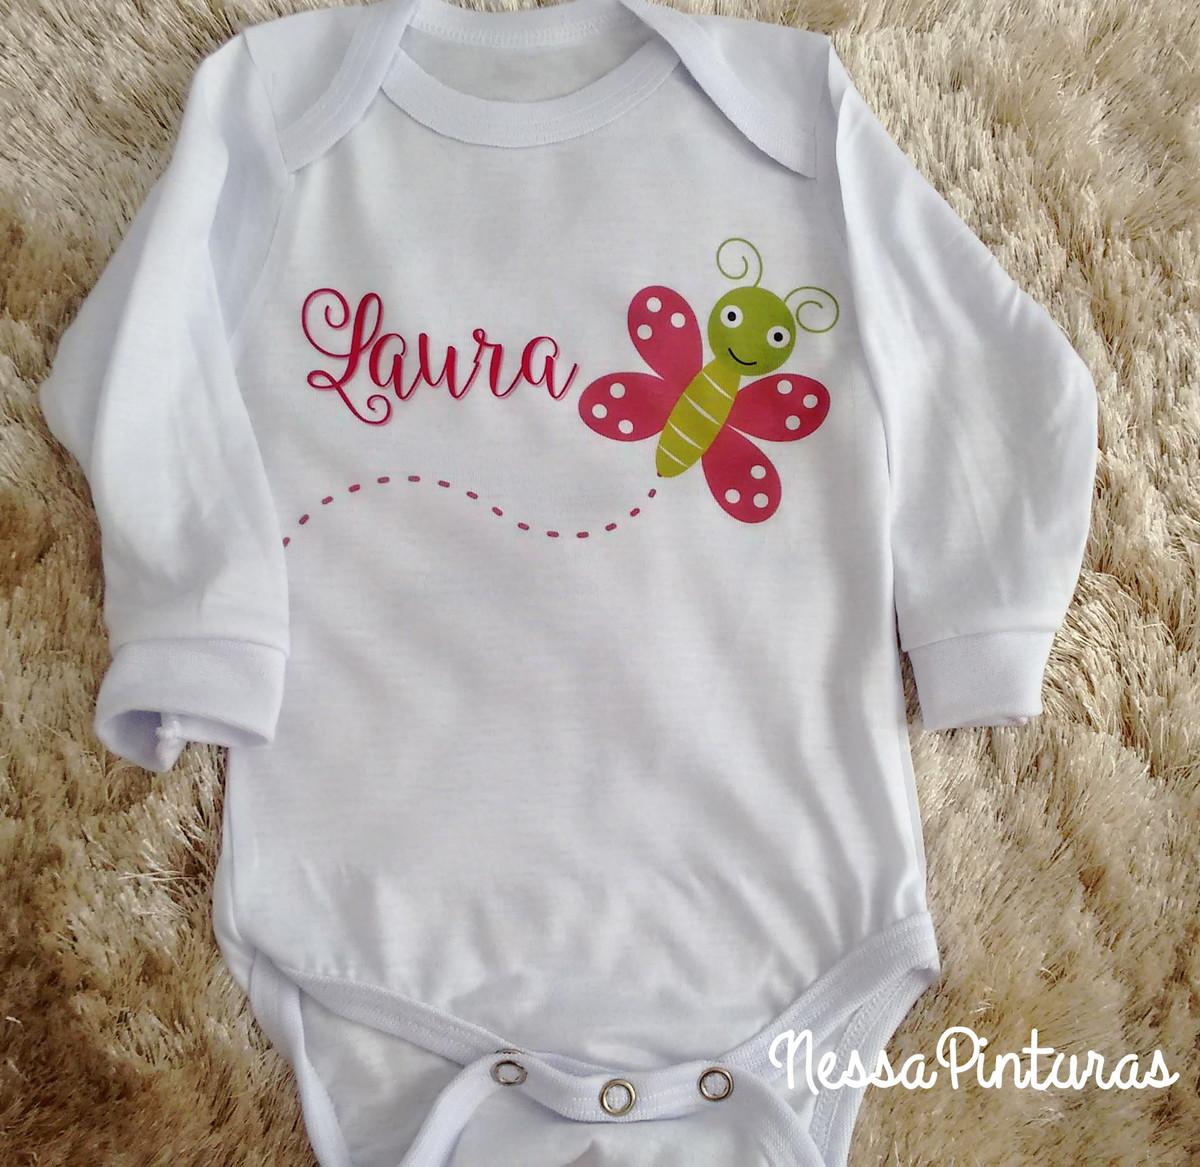 783e9003e5 Body bebê personalizado com nome no Elo7